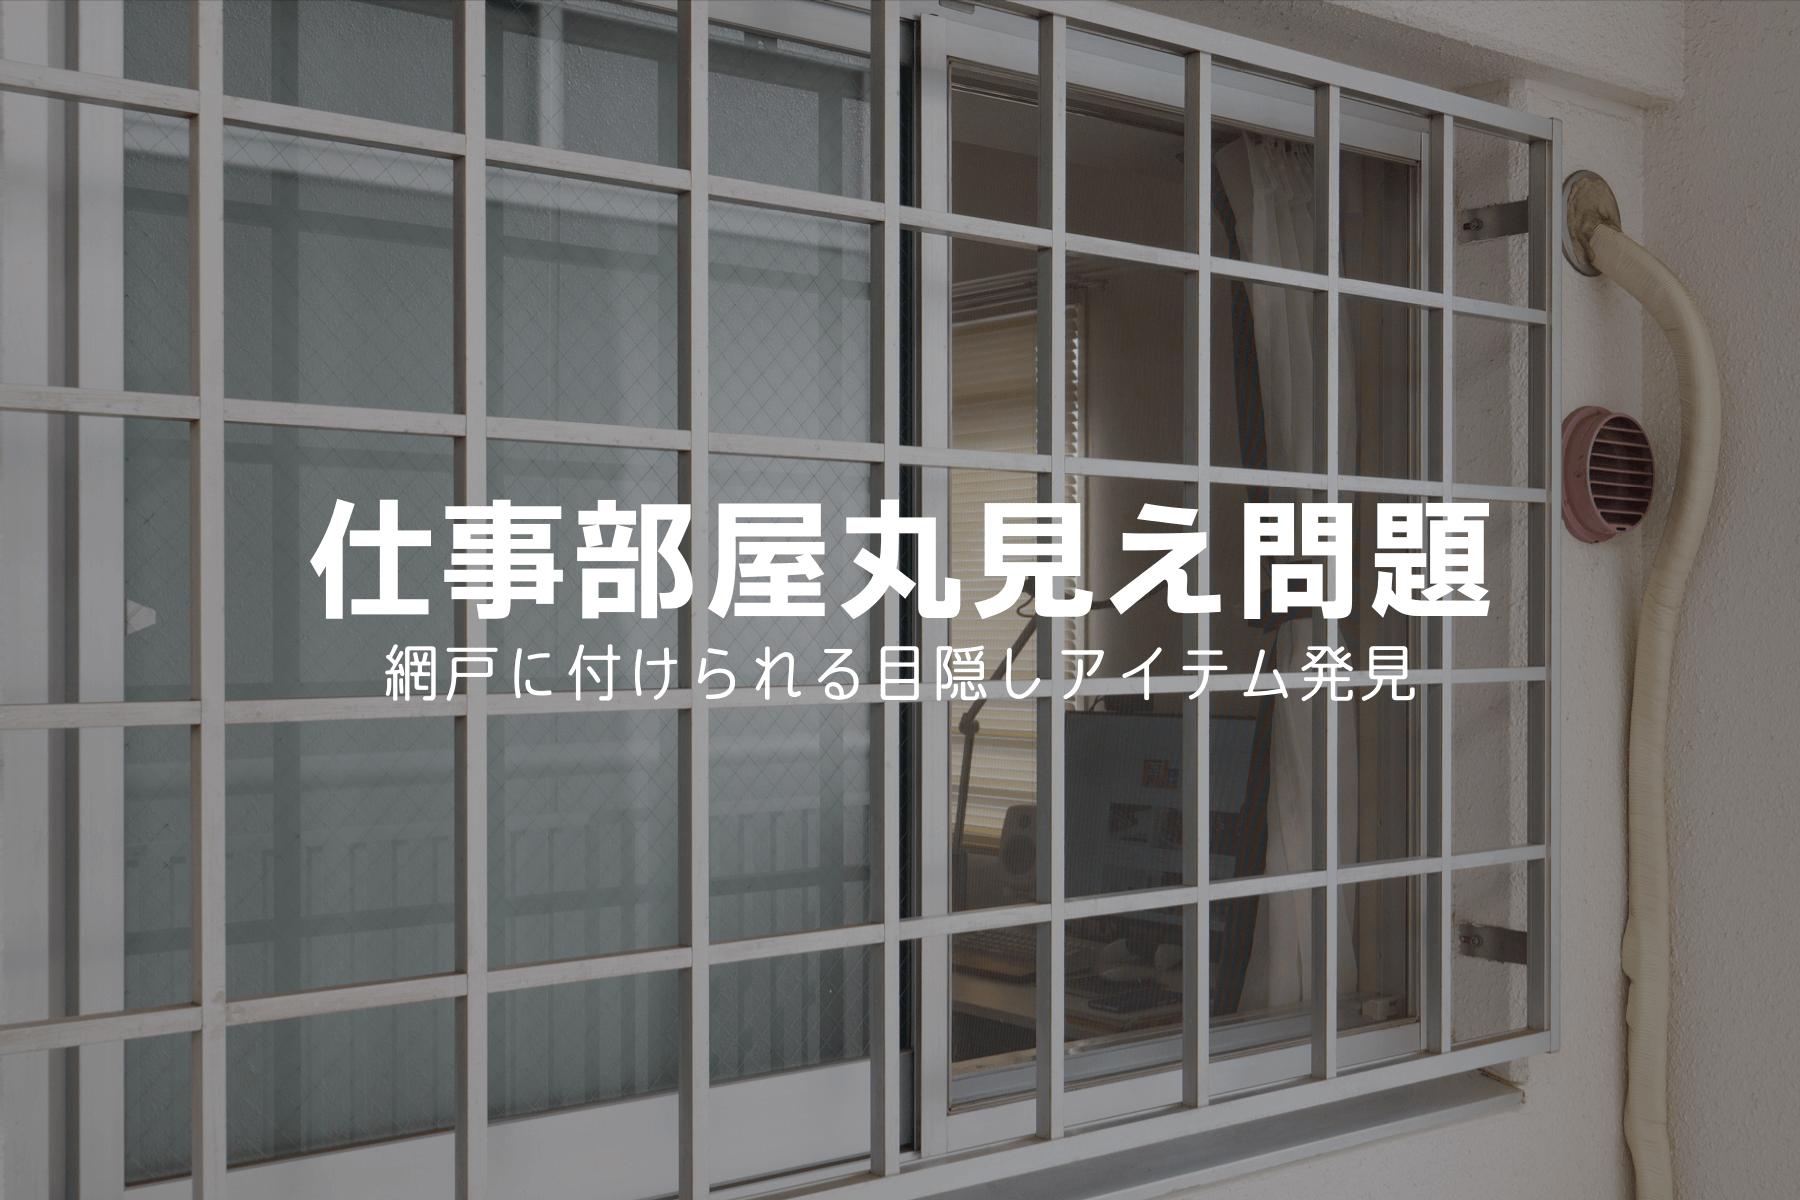 マンションの窓の目隠し対策。風通しが変わらない、網戸に付けるエアリールーバーが万能だった